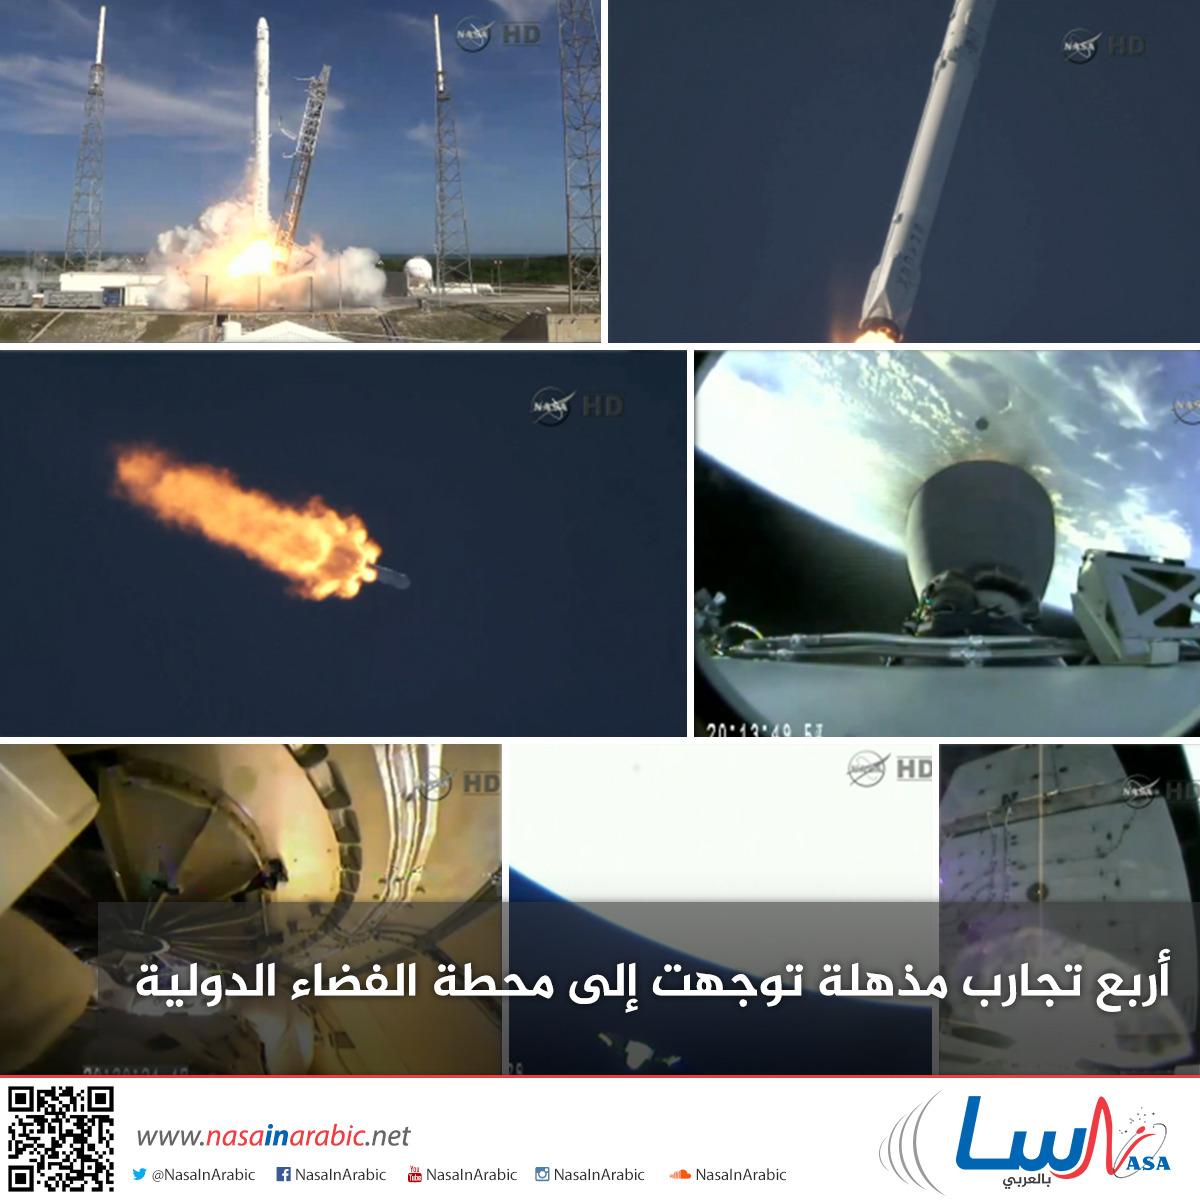 أربع تجارب مذهلة توجهت إلى محطة الفضاء الدولية